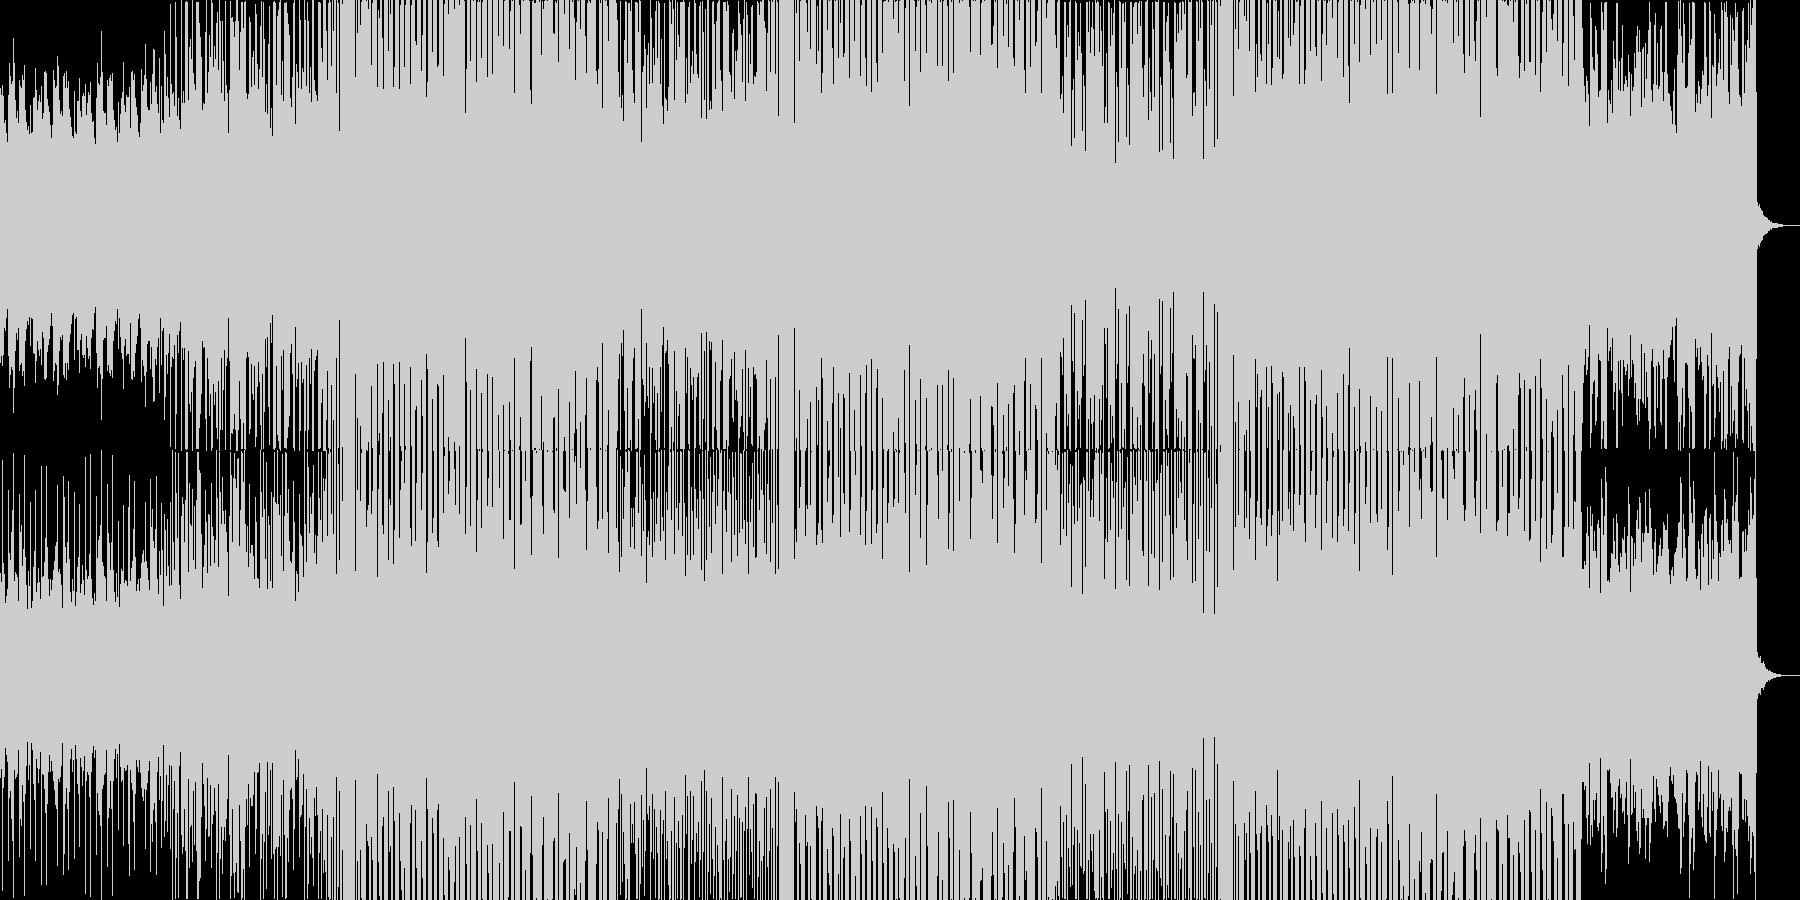 風景が移り変わる映像に ドラムンベースの未再生の波形